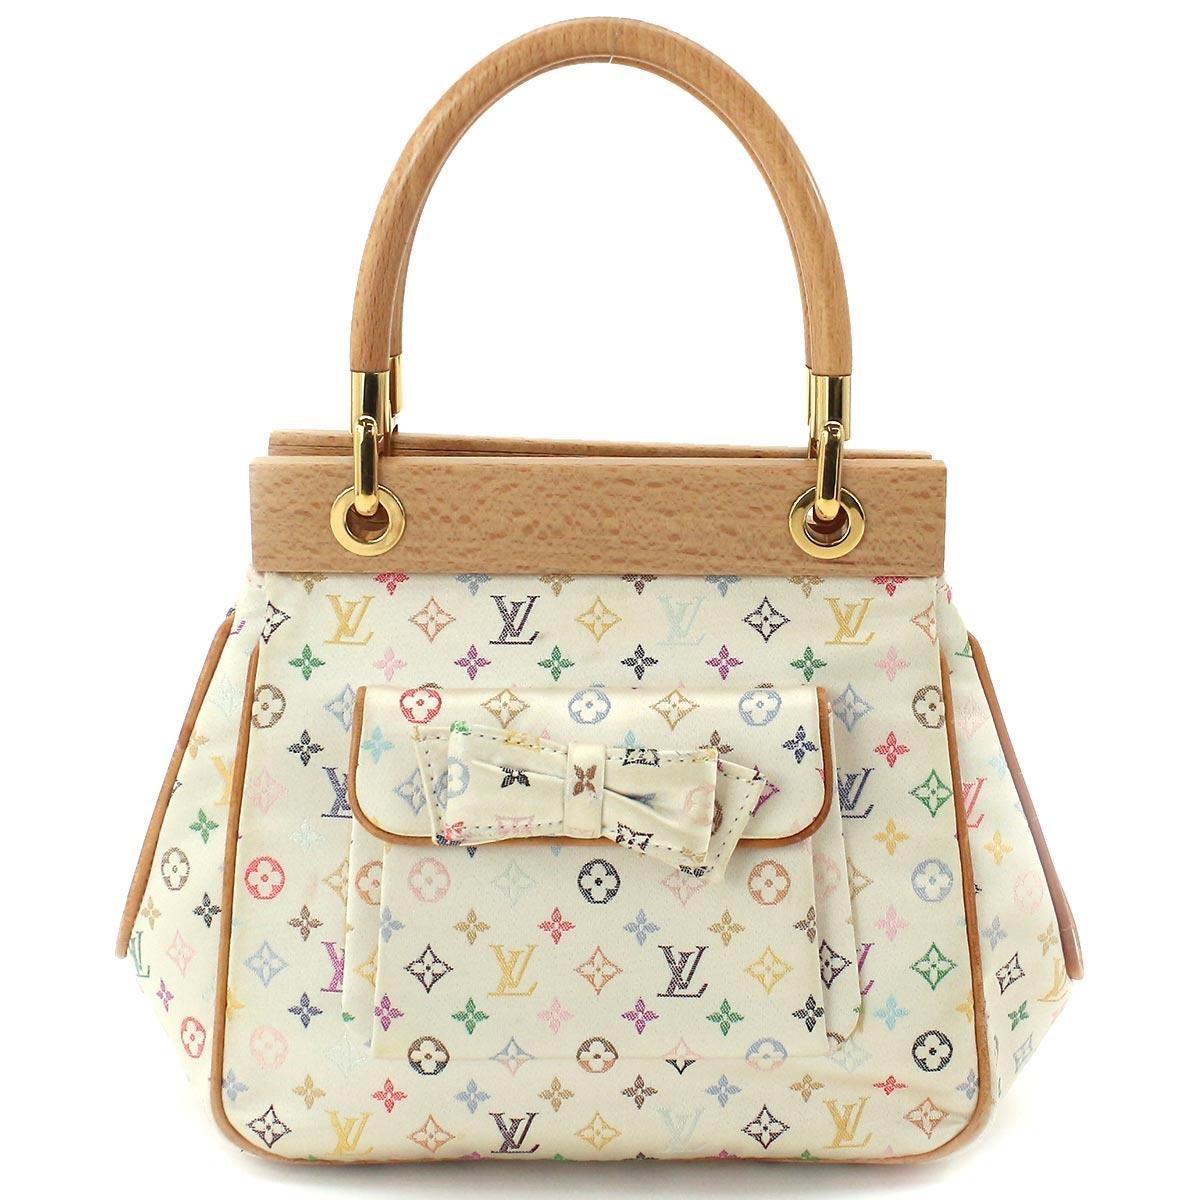 Louis Vuitton Abelia White Multicolor Mini Monogram Satin Handbag 3hnuVA